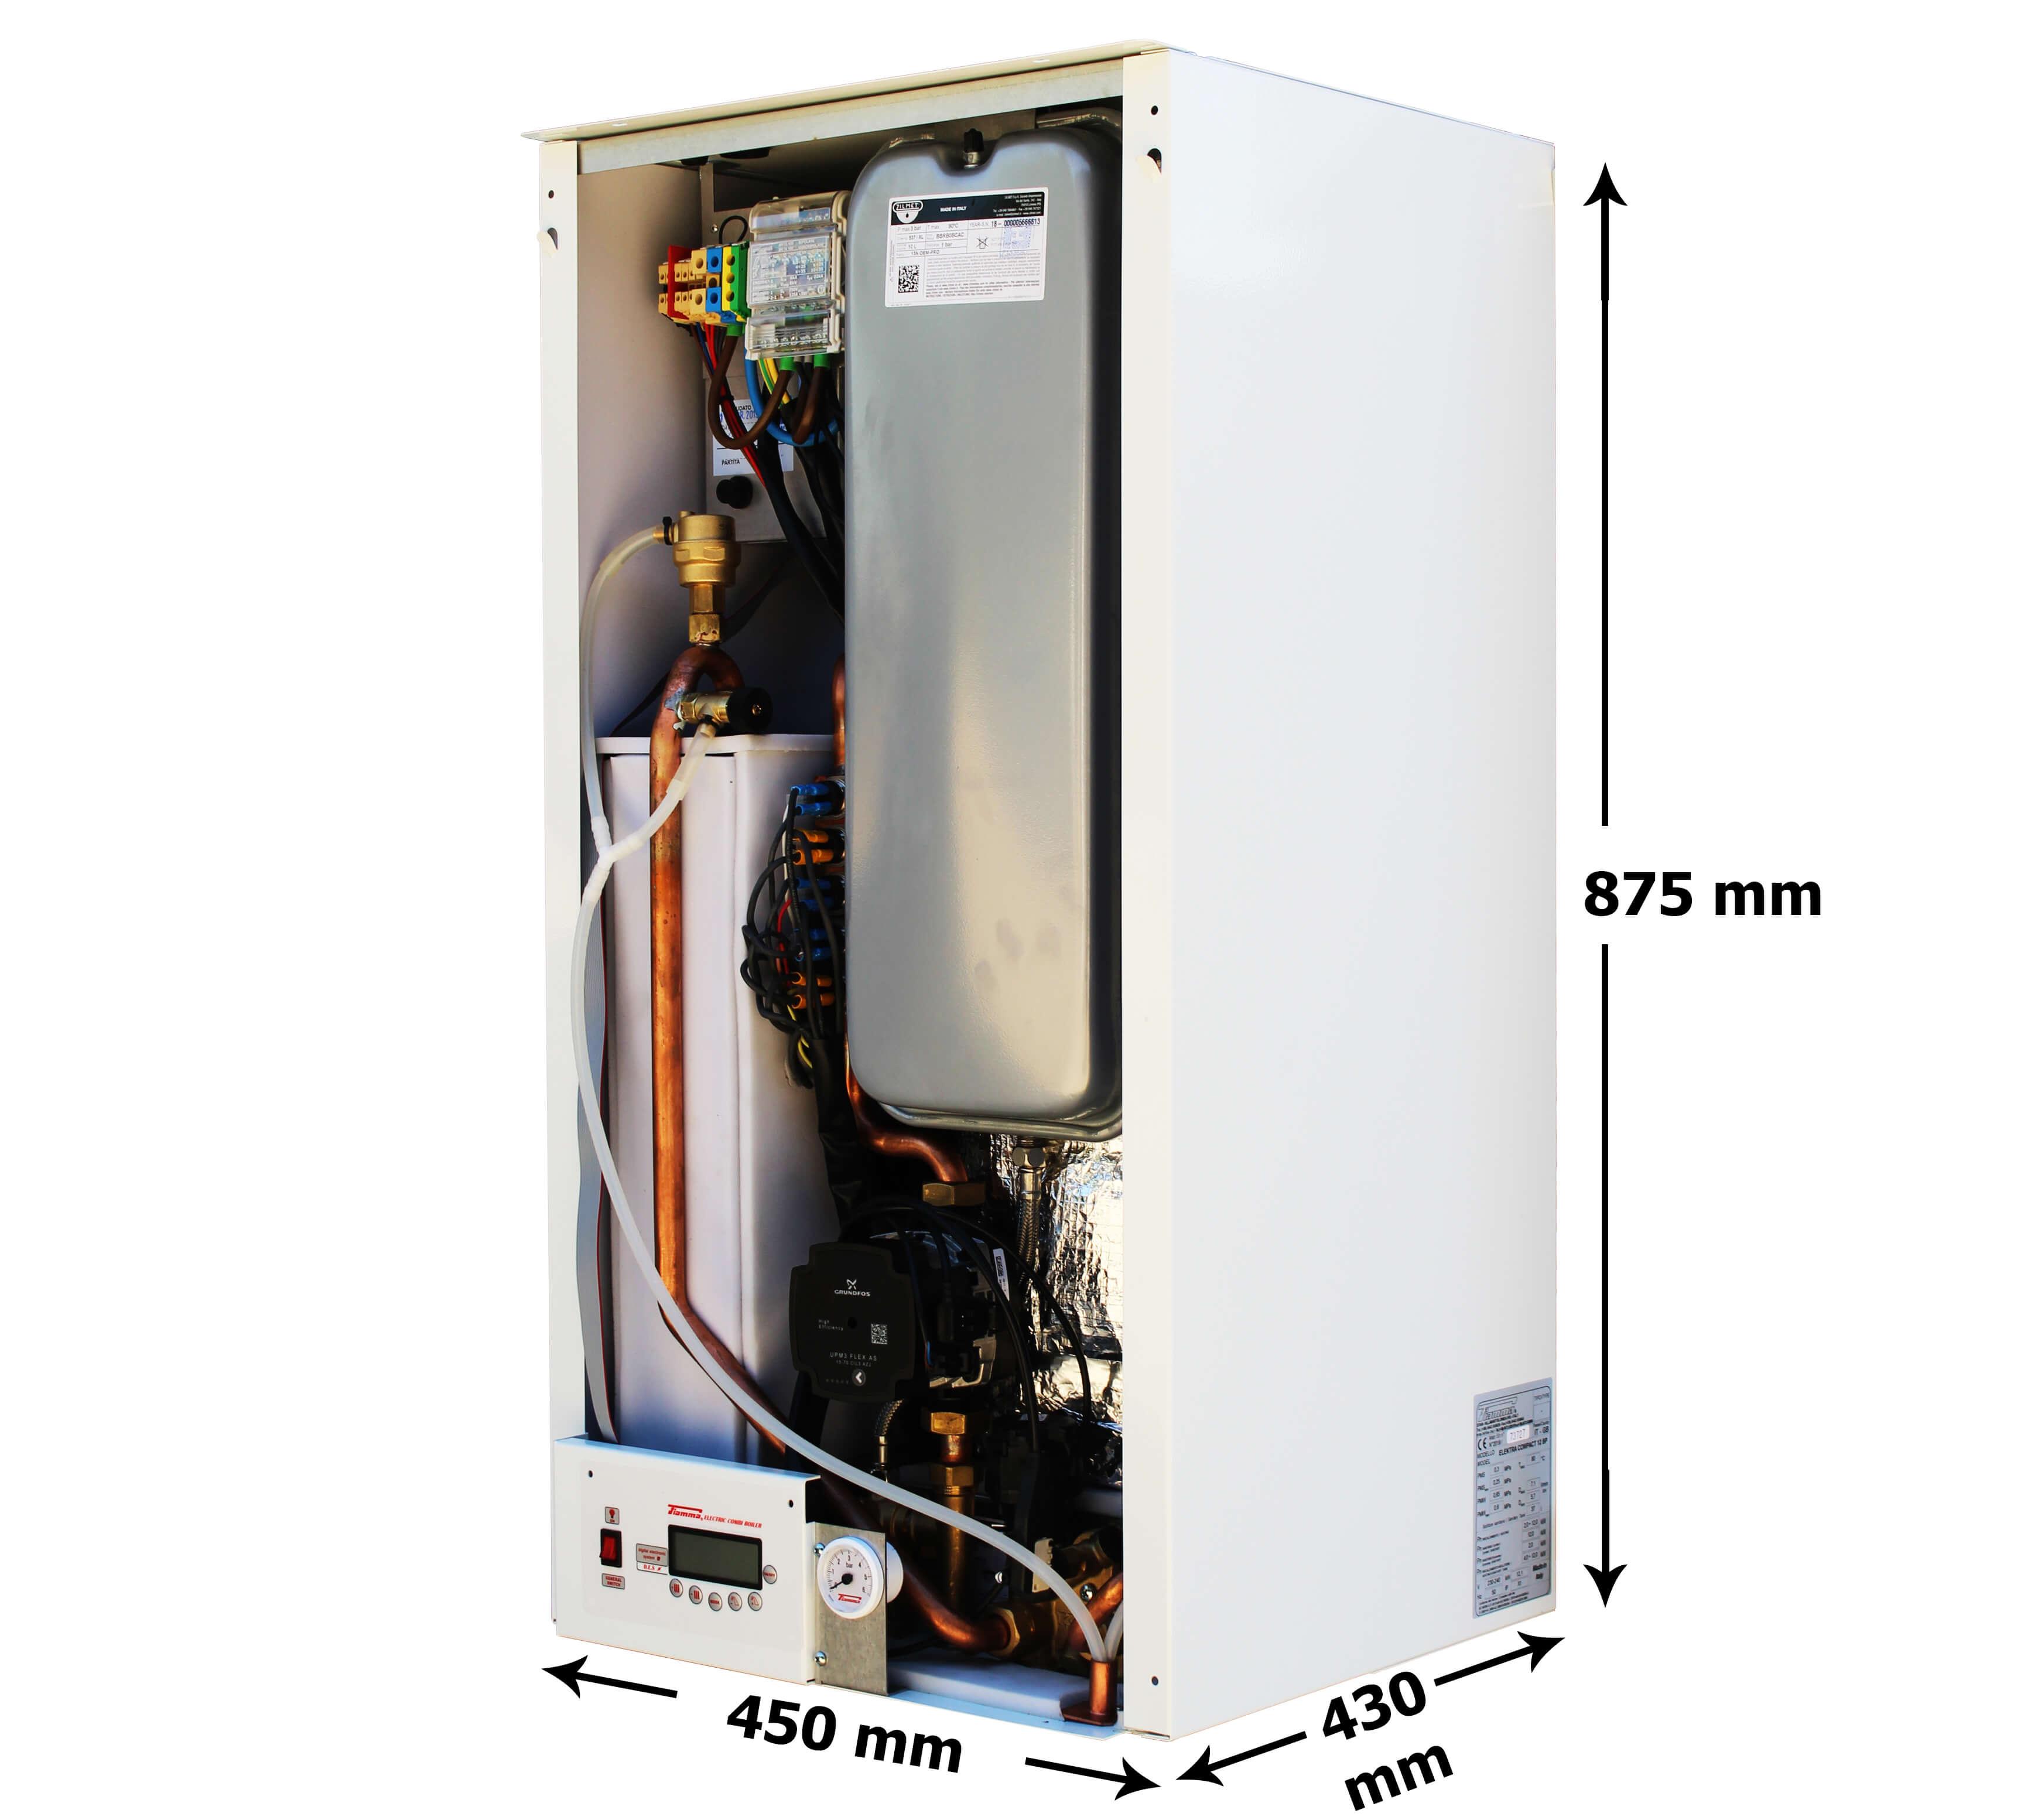 Ek Bpc 12kw Electric Combi Boiler With Inbuilt Cylinder